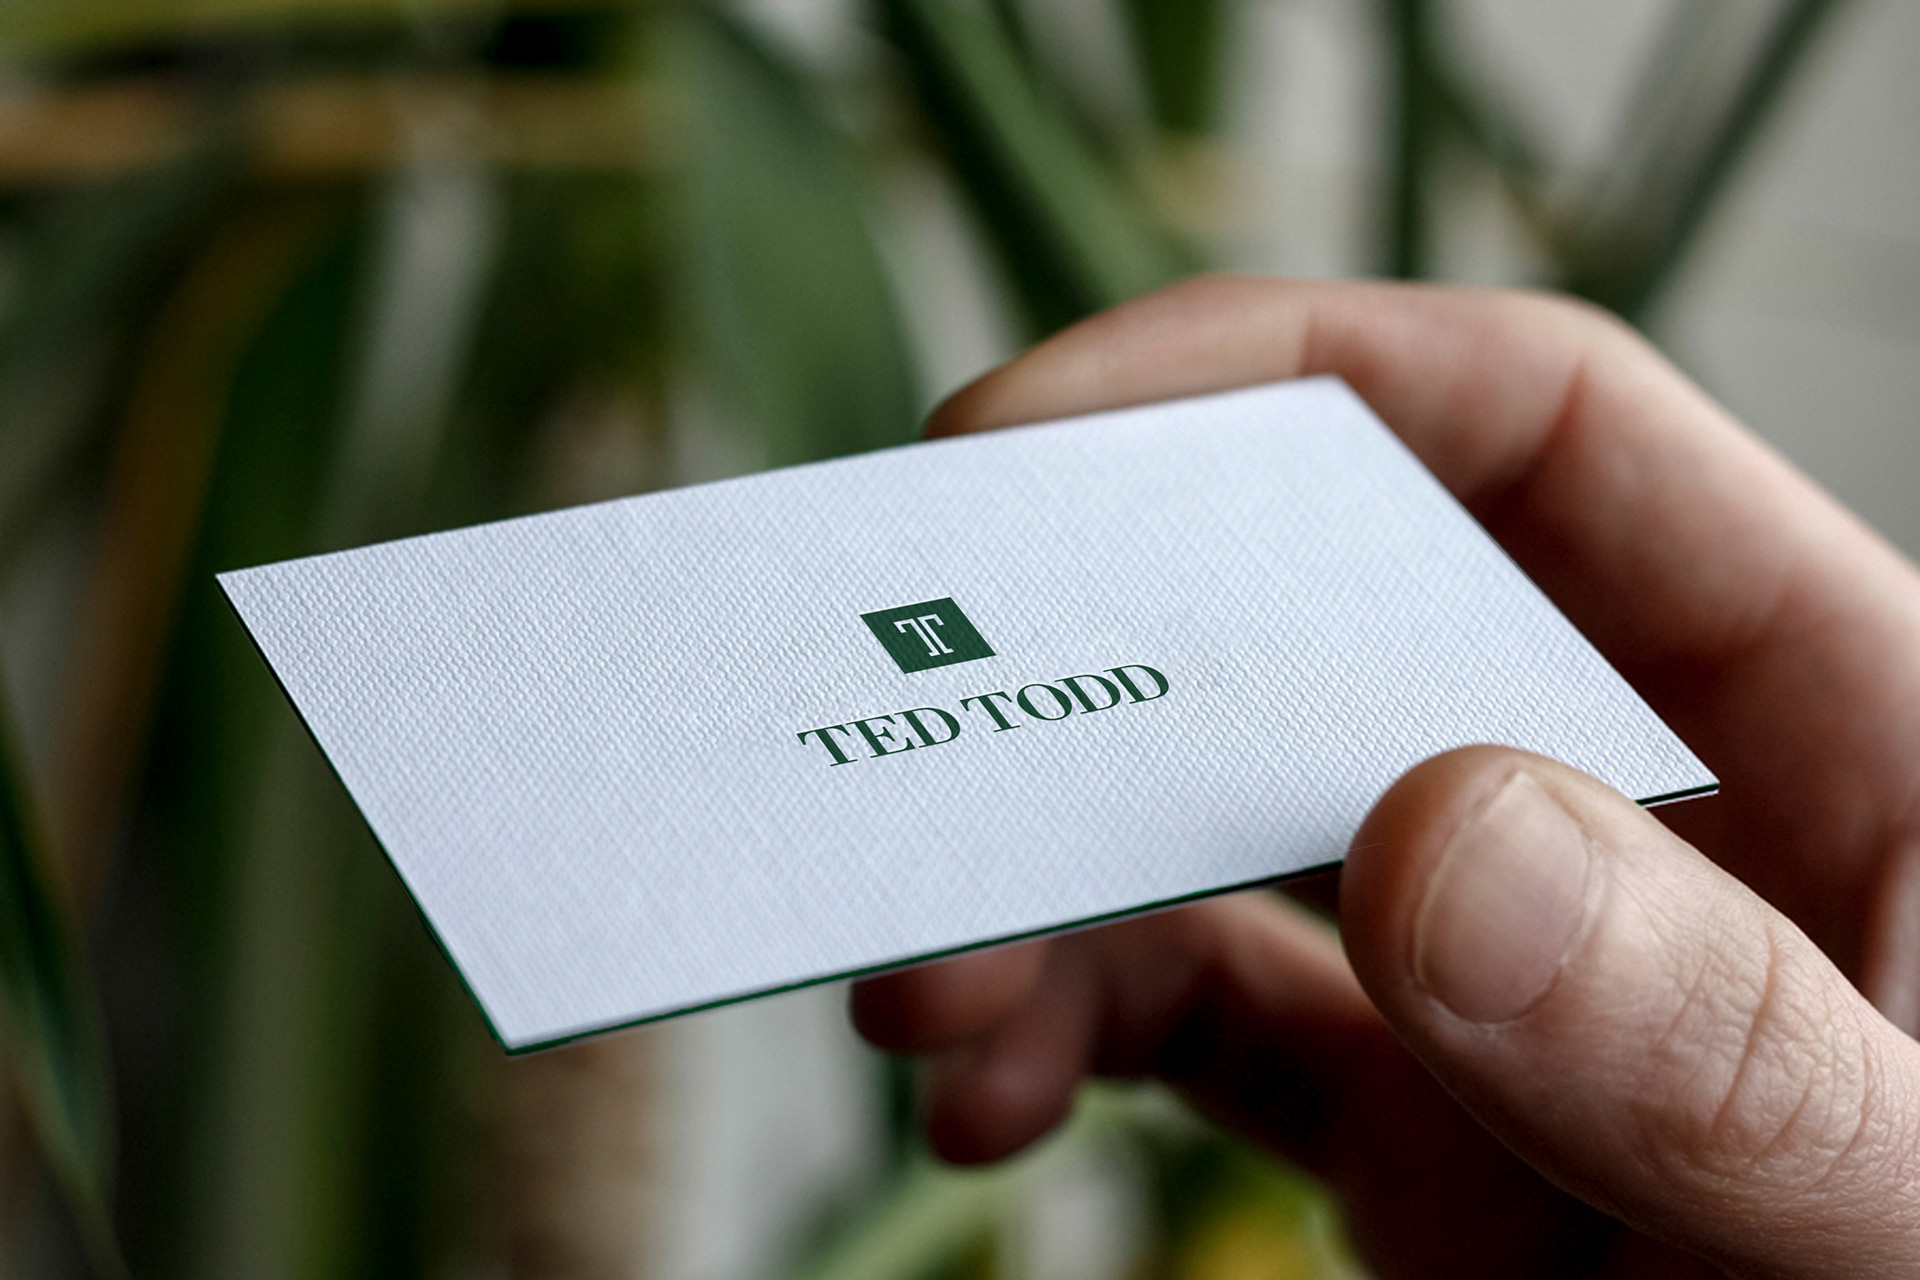 Premium Brand Business Card Design